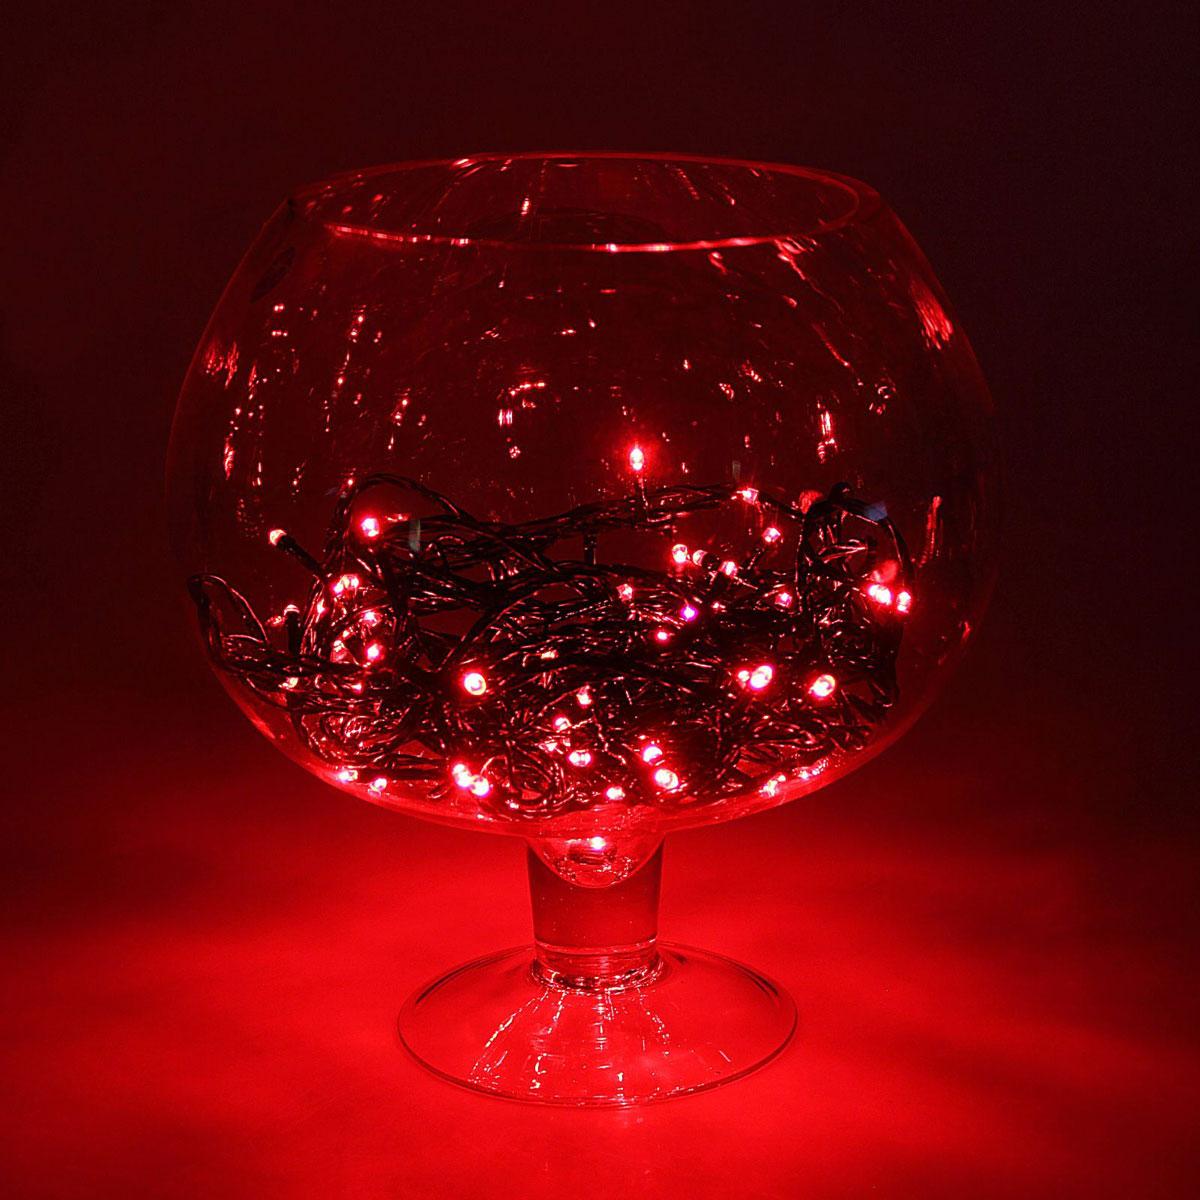 Гирлянда светодиодная Luazon Метраж, уличная, 100 ламп, 24 V, 10 м, цвет: красный. 15860041586004Светодиодные гирлянды, ленты и т.д. — это отличный вариант для новогоднего оформления интерьера или фасада. С их помощью помещение любого размера можно превратить в праздничный зал, а внешние элементы зданий, украшенные ими, мгновенно станут напоминать очертания сказочного дворца. Такие украшения создают ауру предвкушения чуда. Деревья, фасады, витрины, окна и арки будто специально созданы, чтобы вы украсили их светящимися нитями.